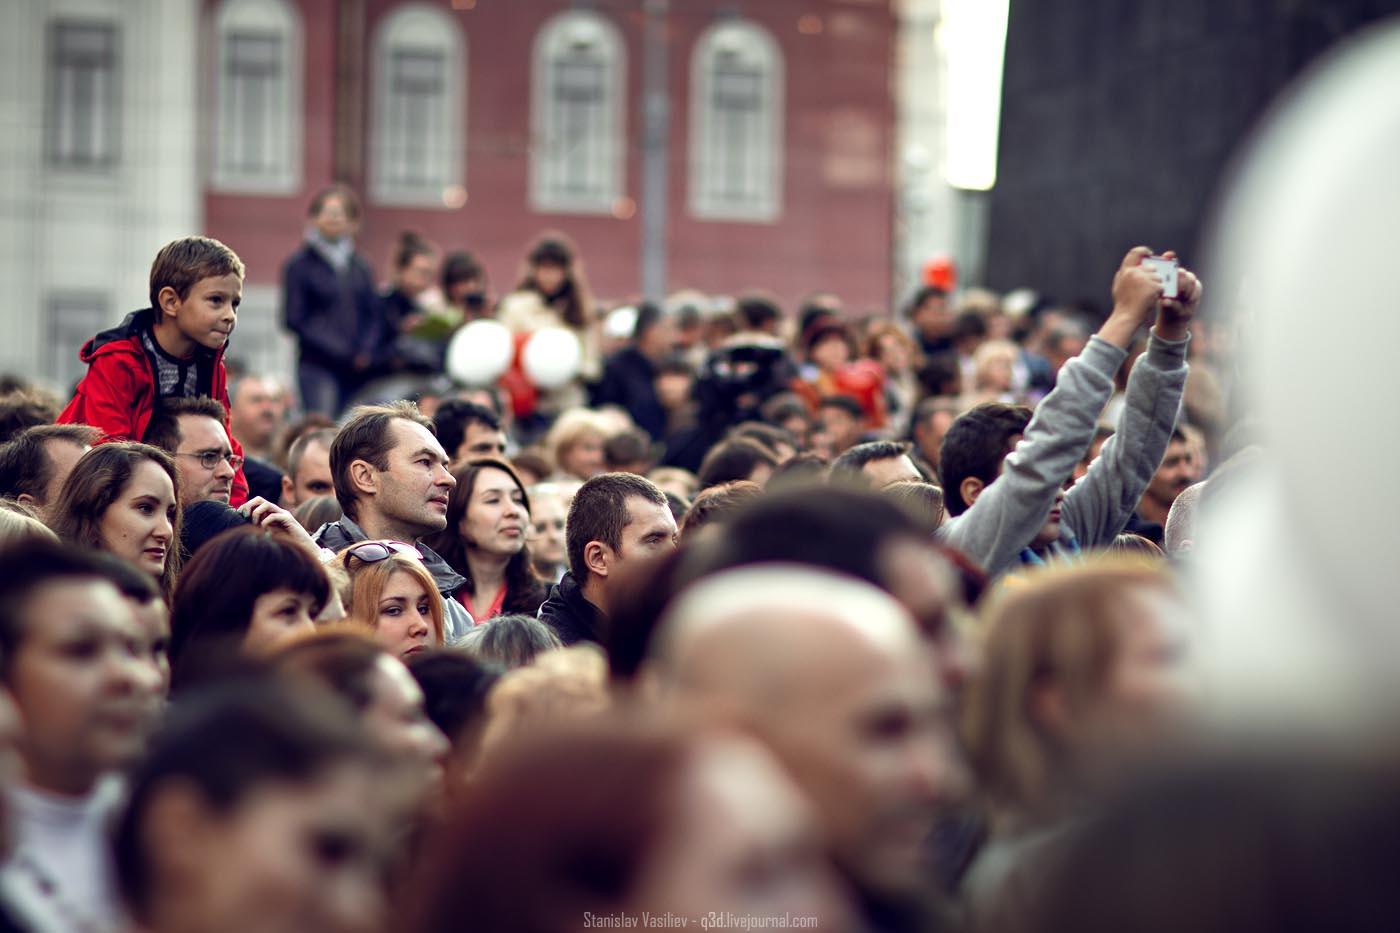 День города - Москва - 2013 - #049